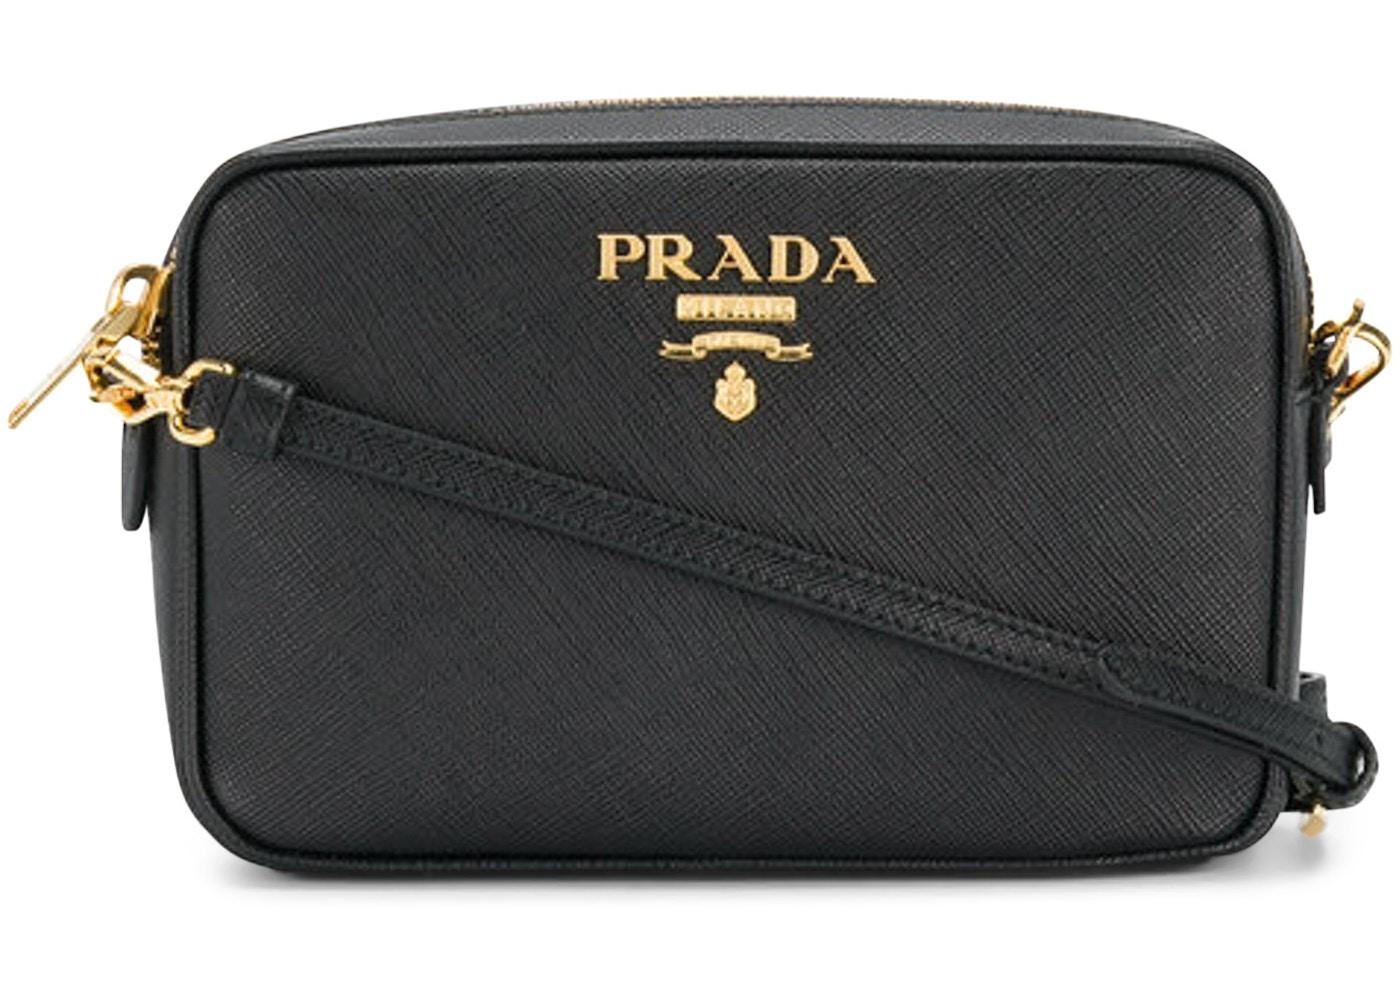 43afd735bb8d Buy & Sell Prada Handbags - Total Sold